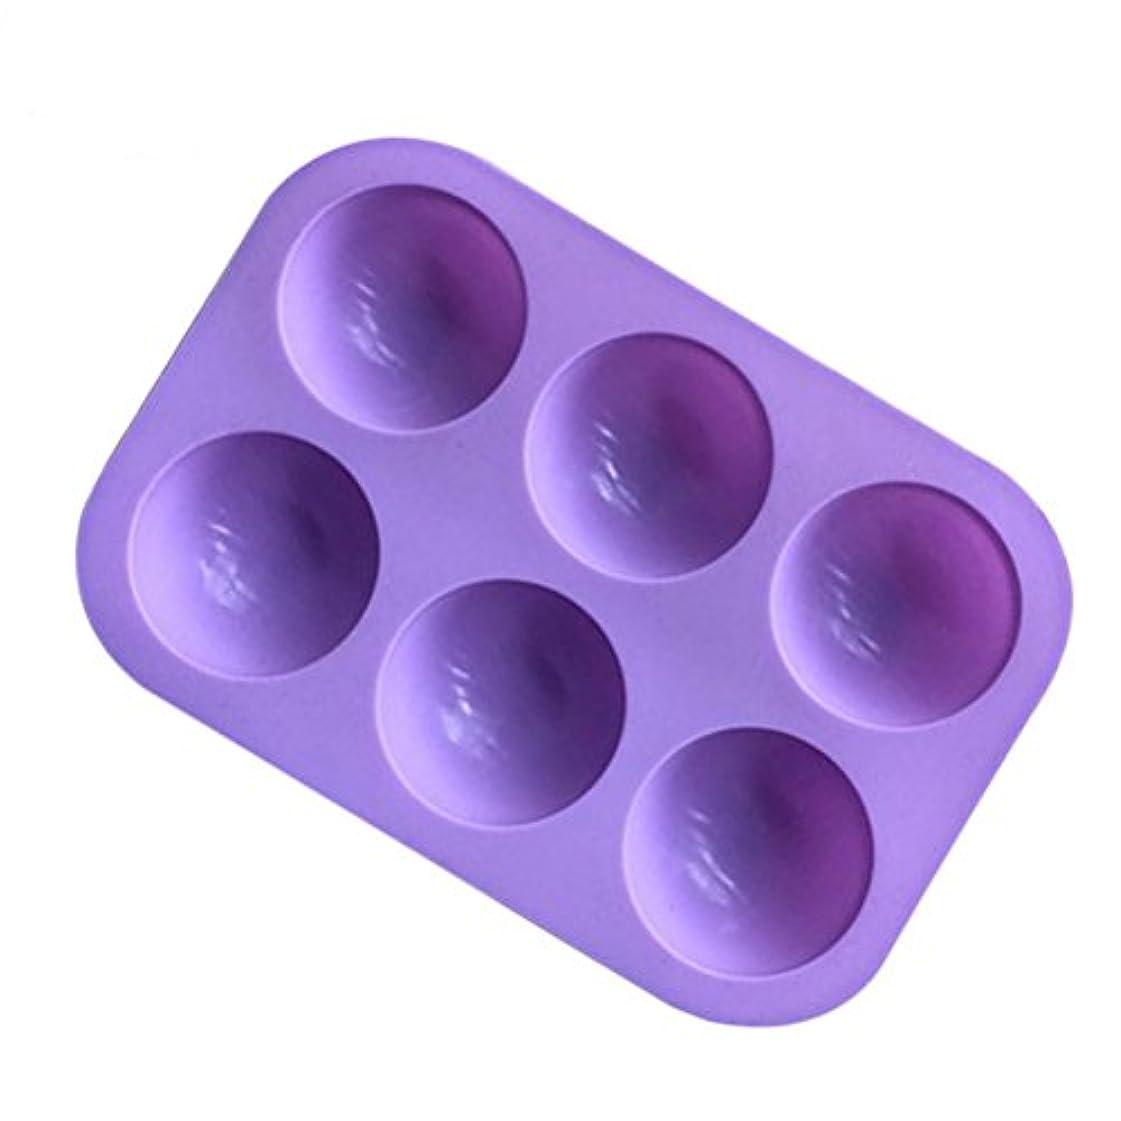 共同選択粘液文明BESTONZON シリコンソープモールド半円マフィンパンカップケーキキャンディモールドケーキチョコレートモールドベーキングモールド6個のキャビティ(紫色)